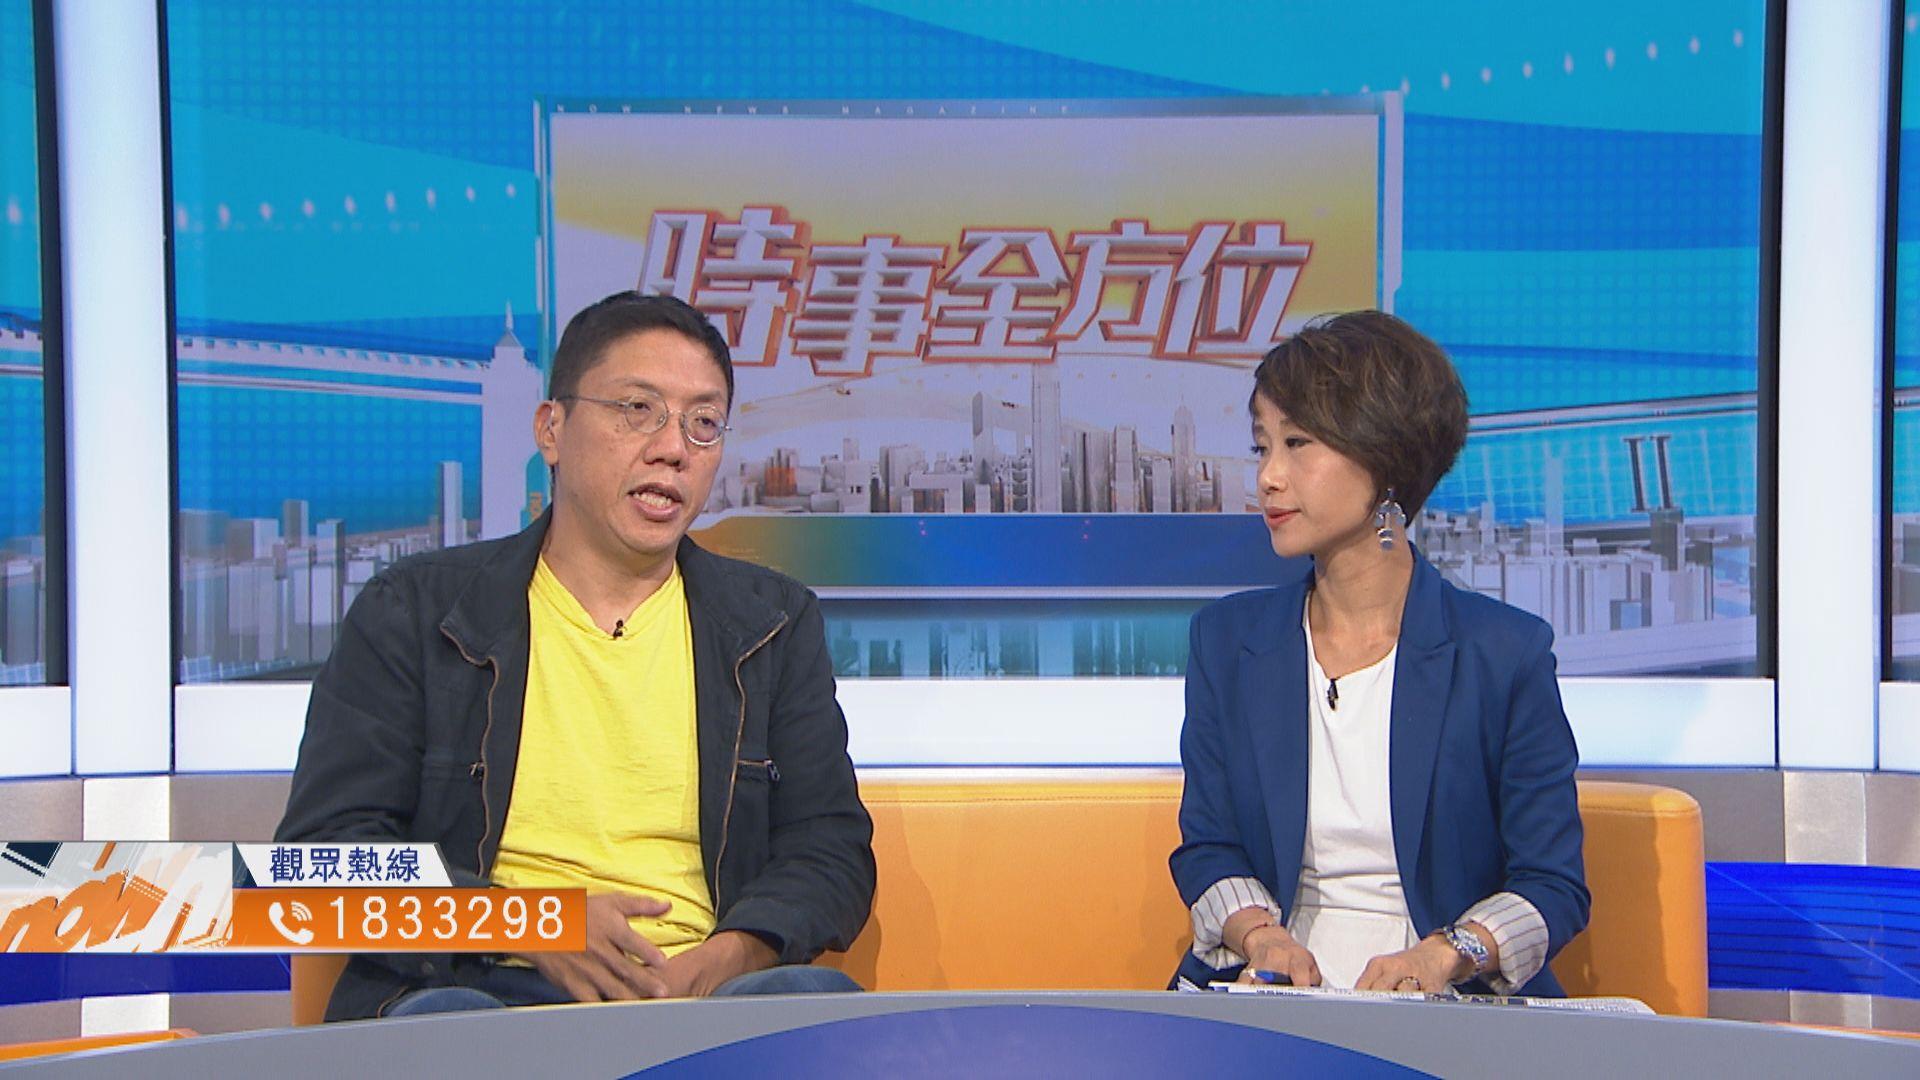 【時事全方位】香港如何走出政治困局?